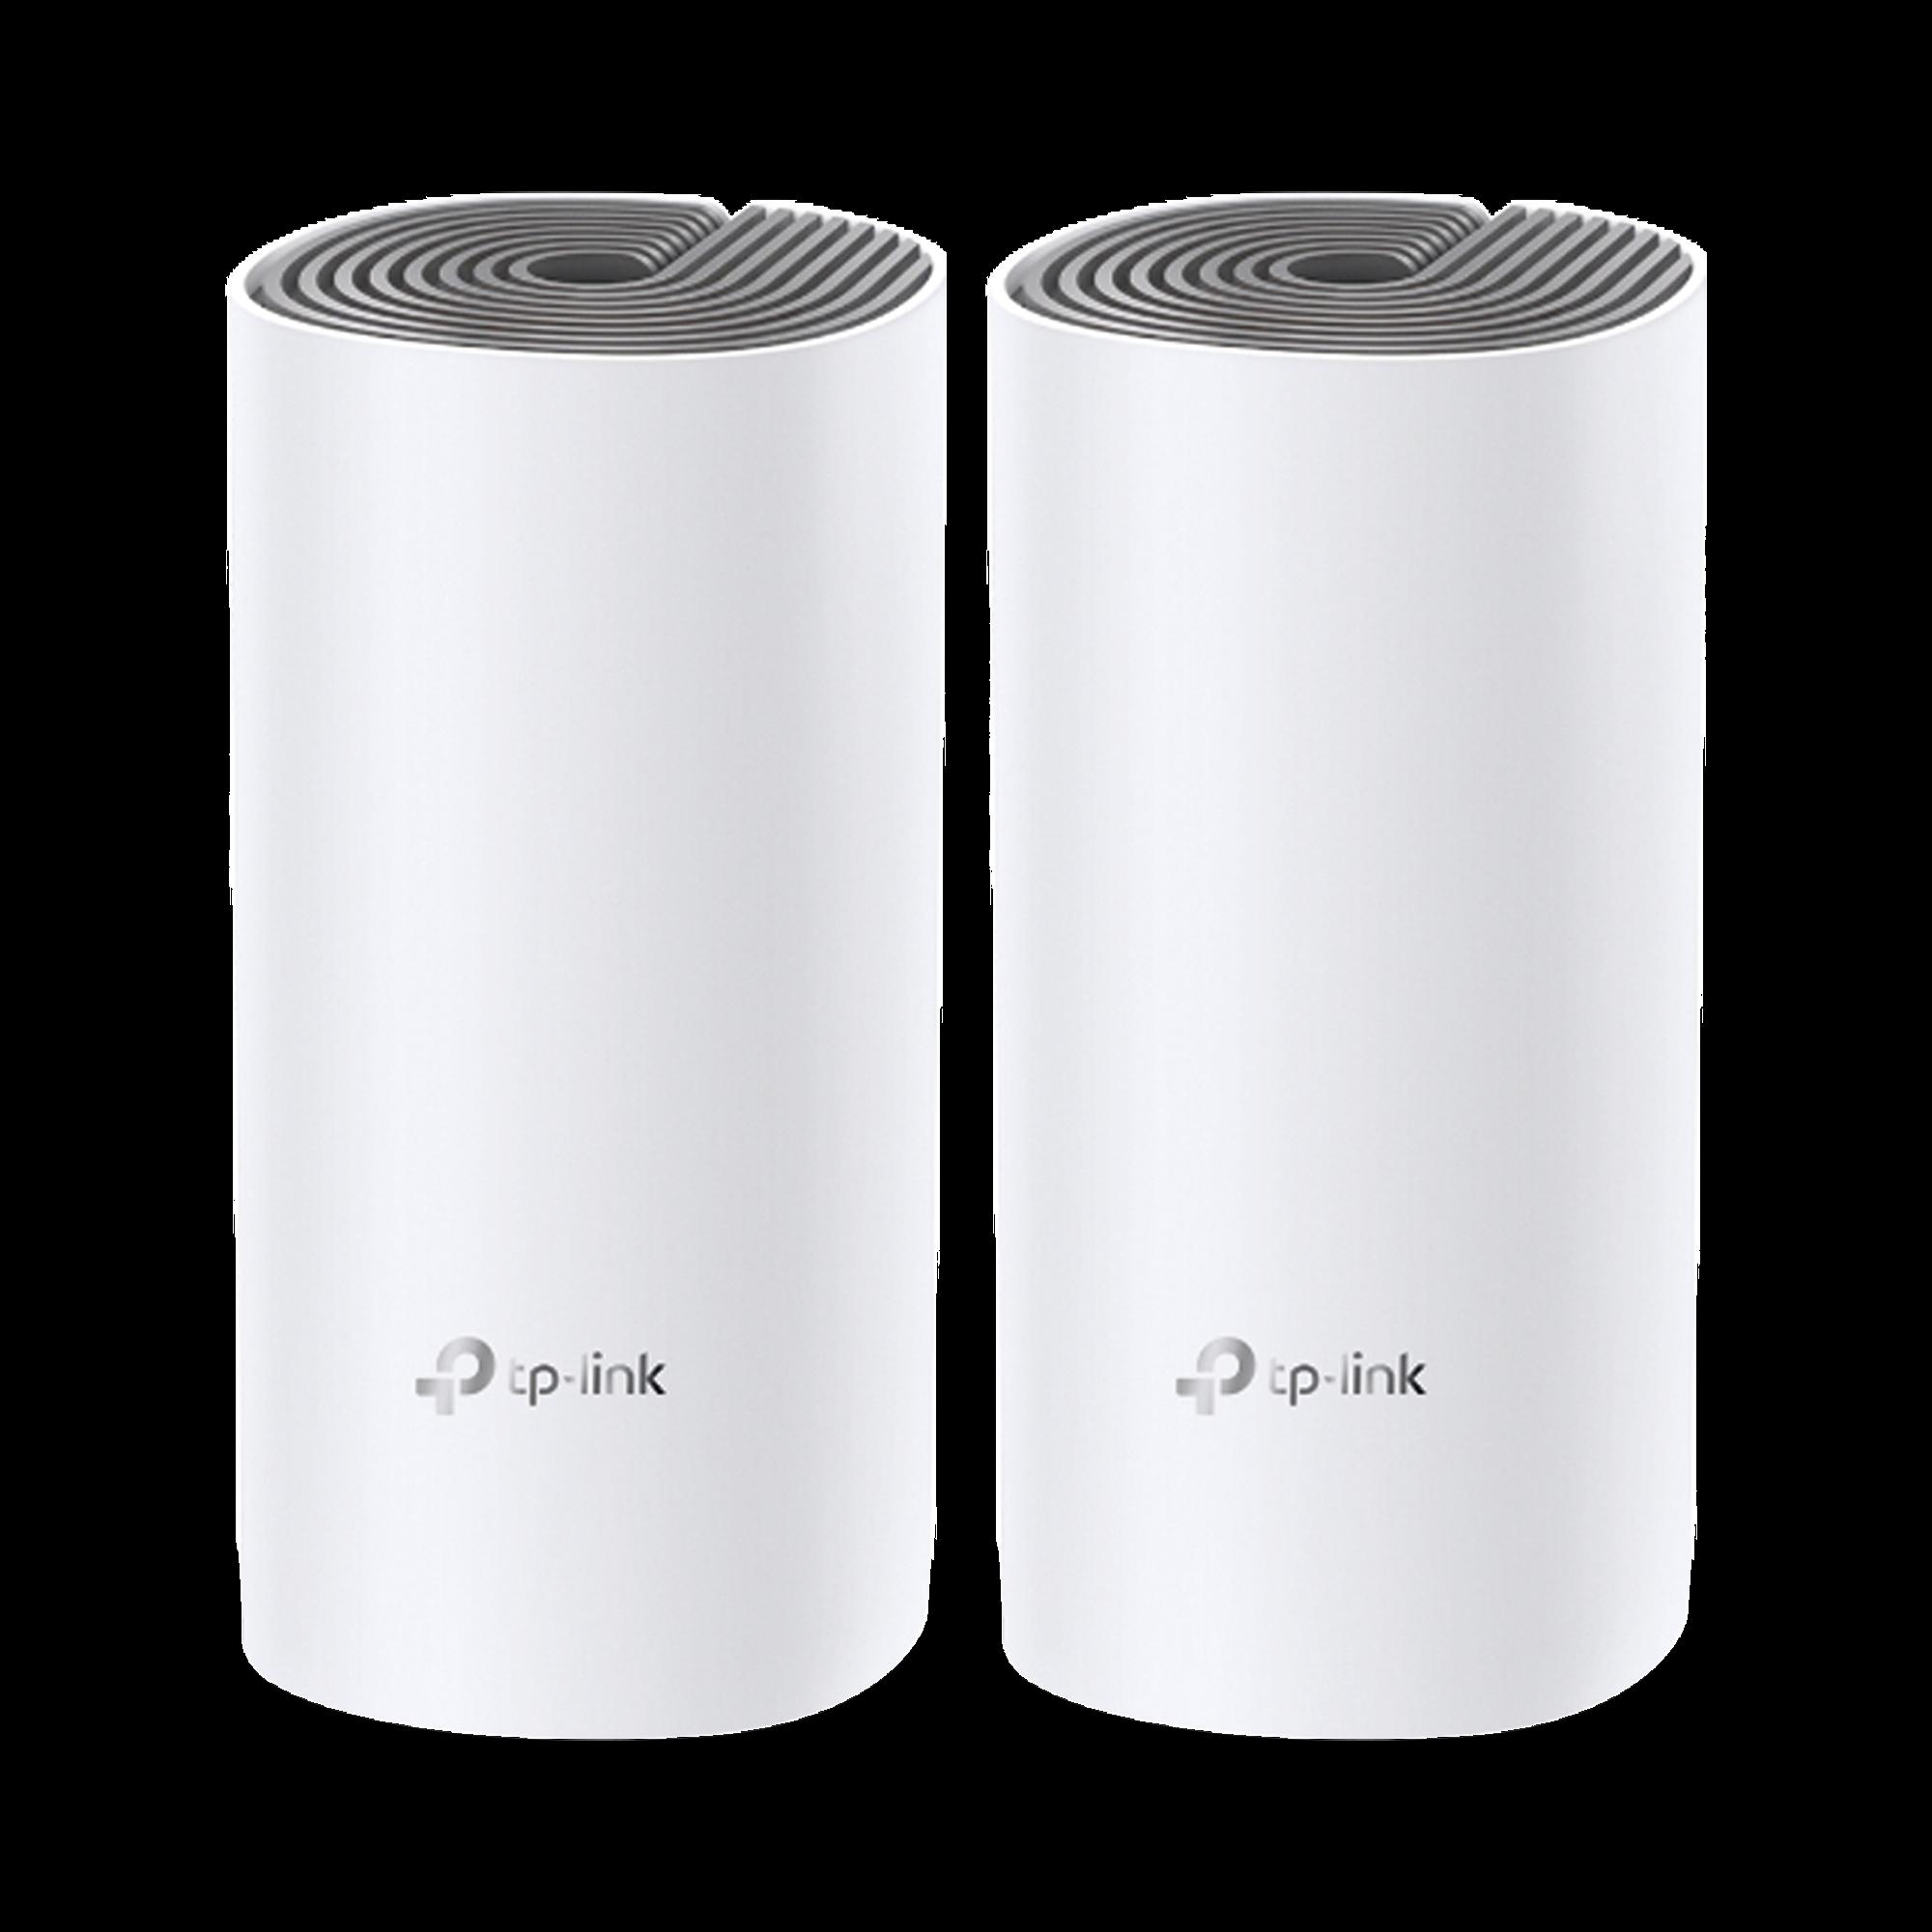 Router inalámbrico mesh para hogar, doble banda AC 1200, doble puerto 10/100 Mbps, incluye 2 equipos, compatible con amazon alexa.